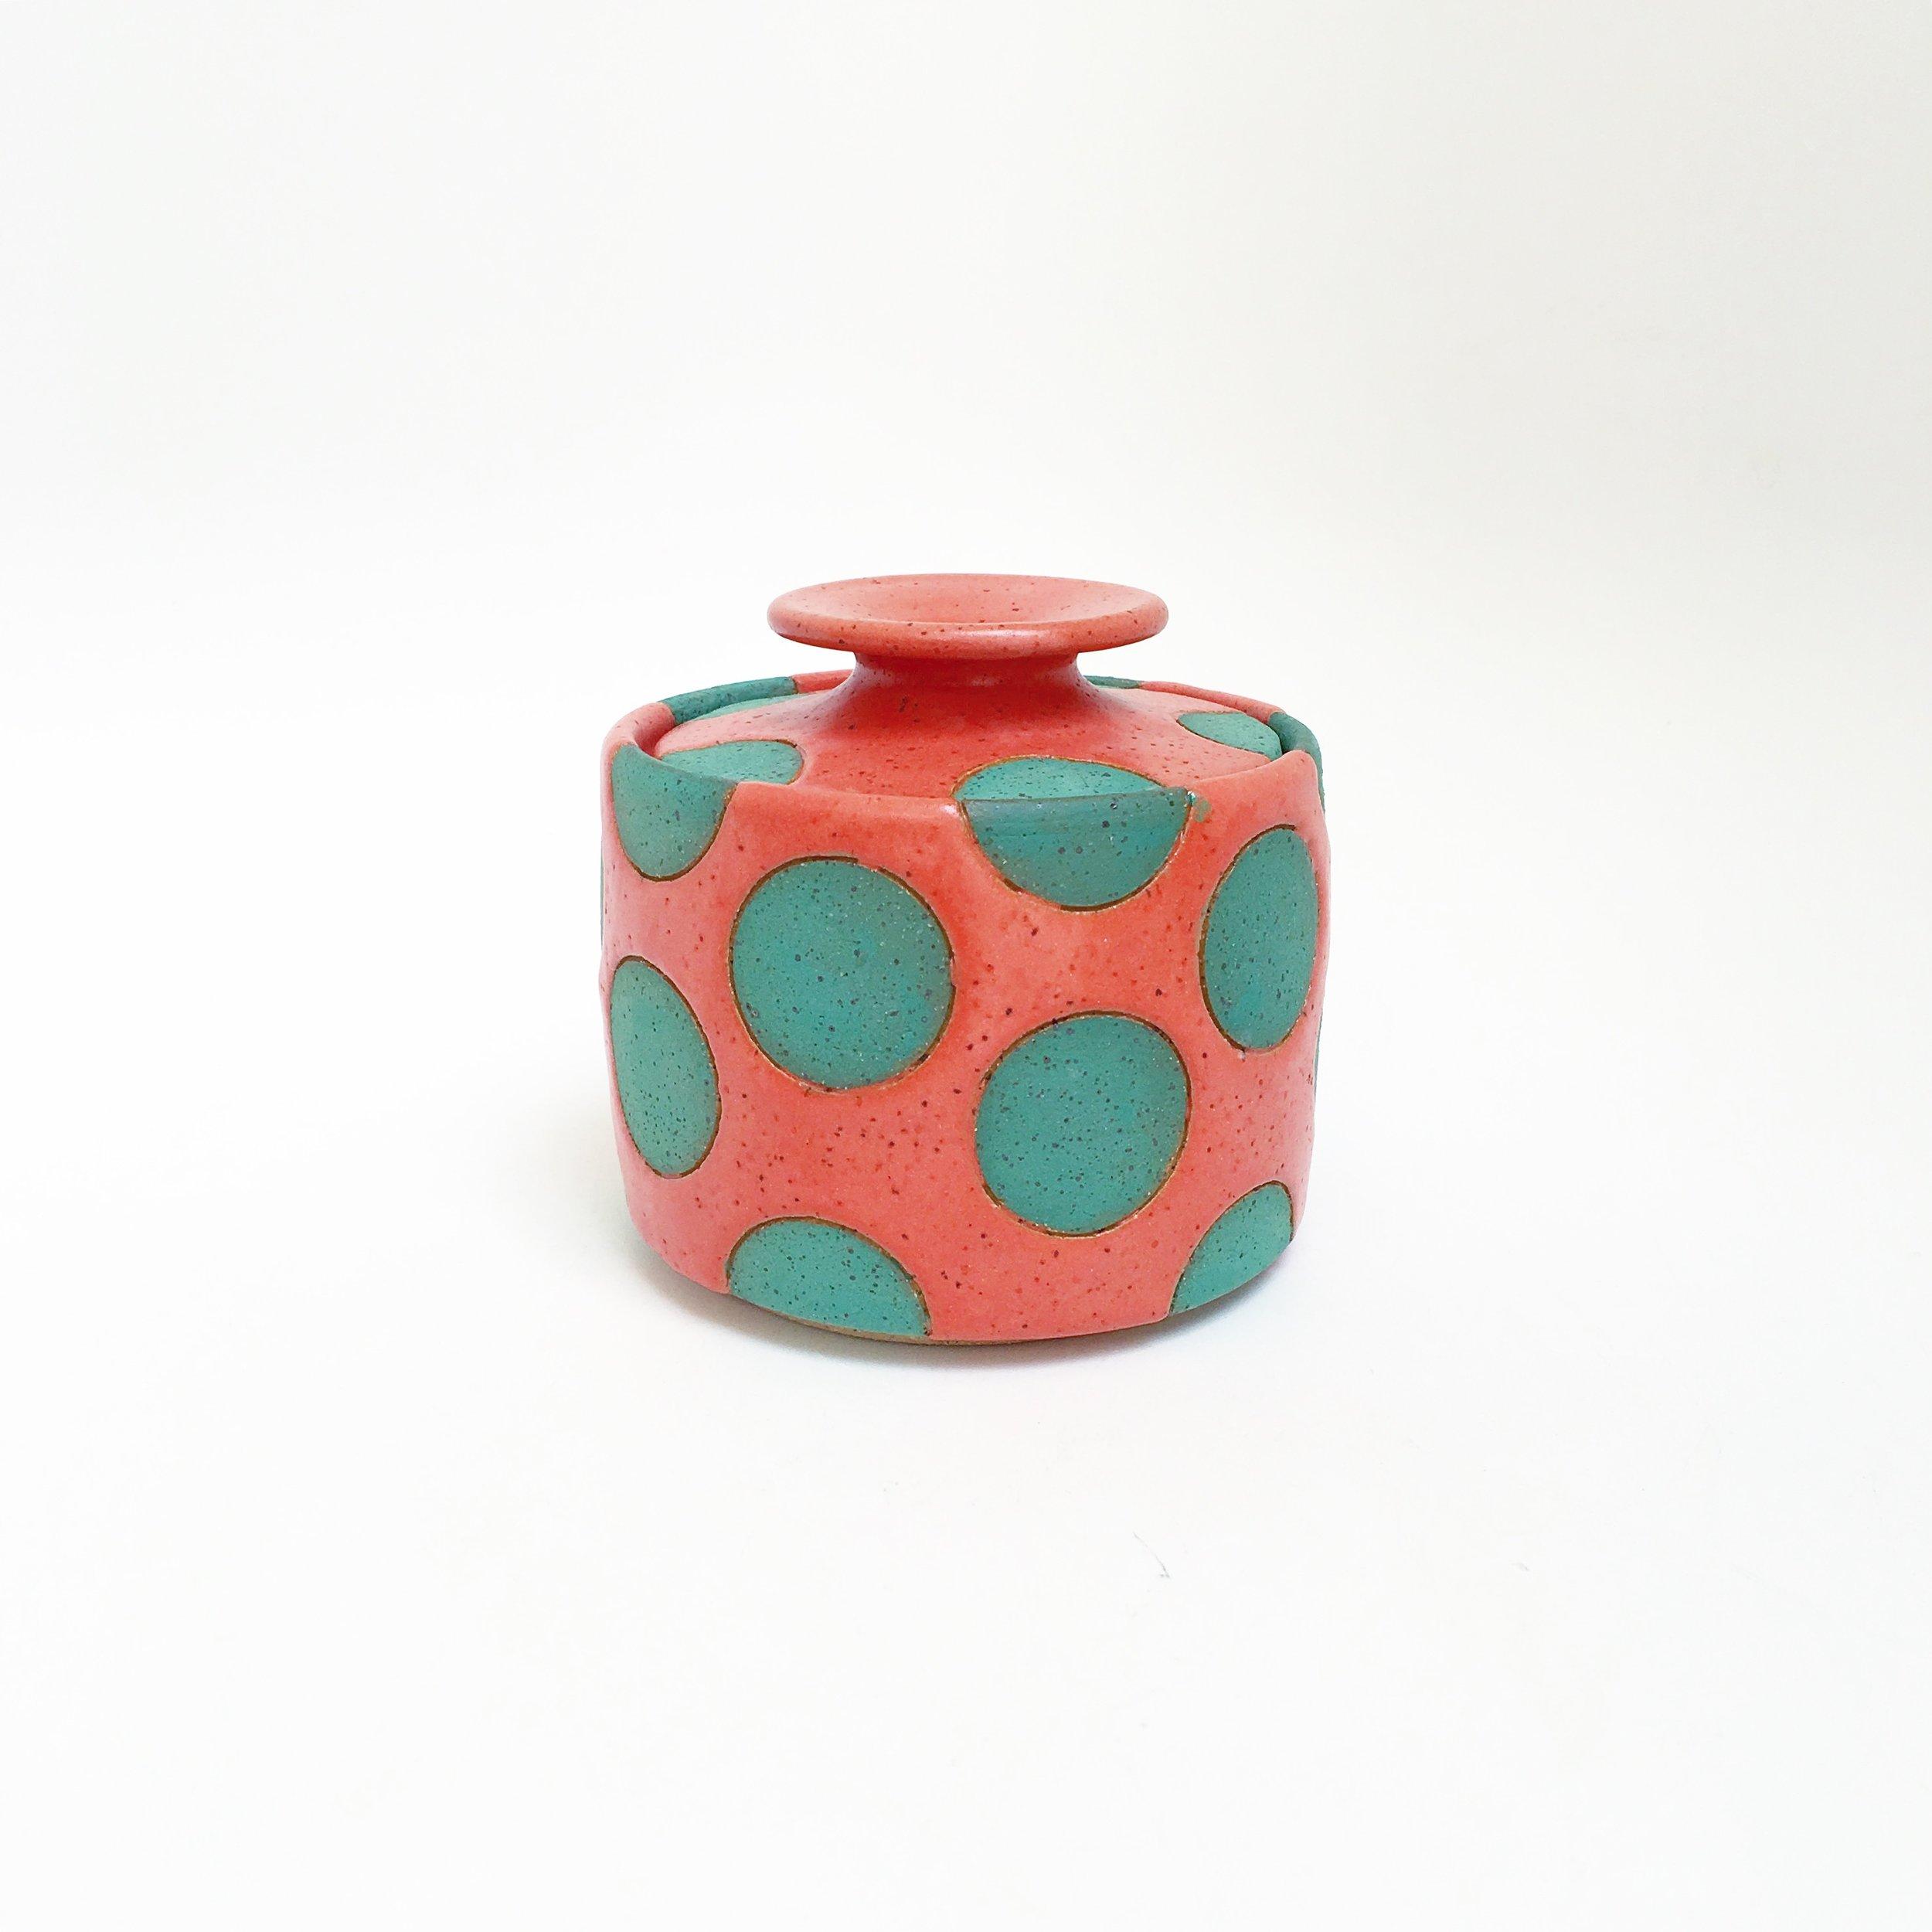 Coral and Green Polka Dot Jar